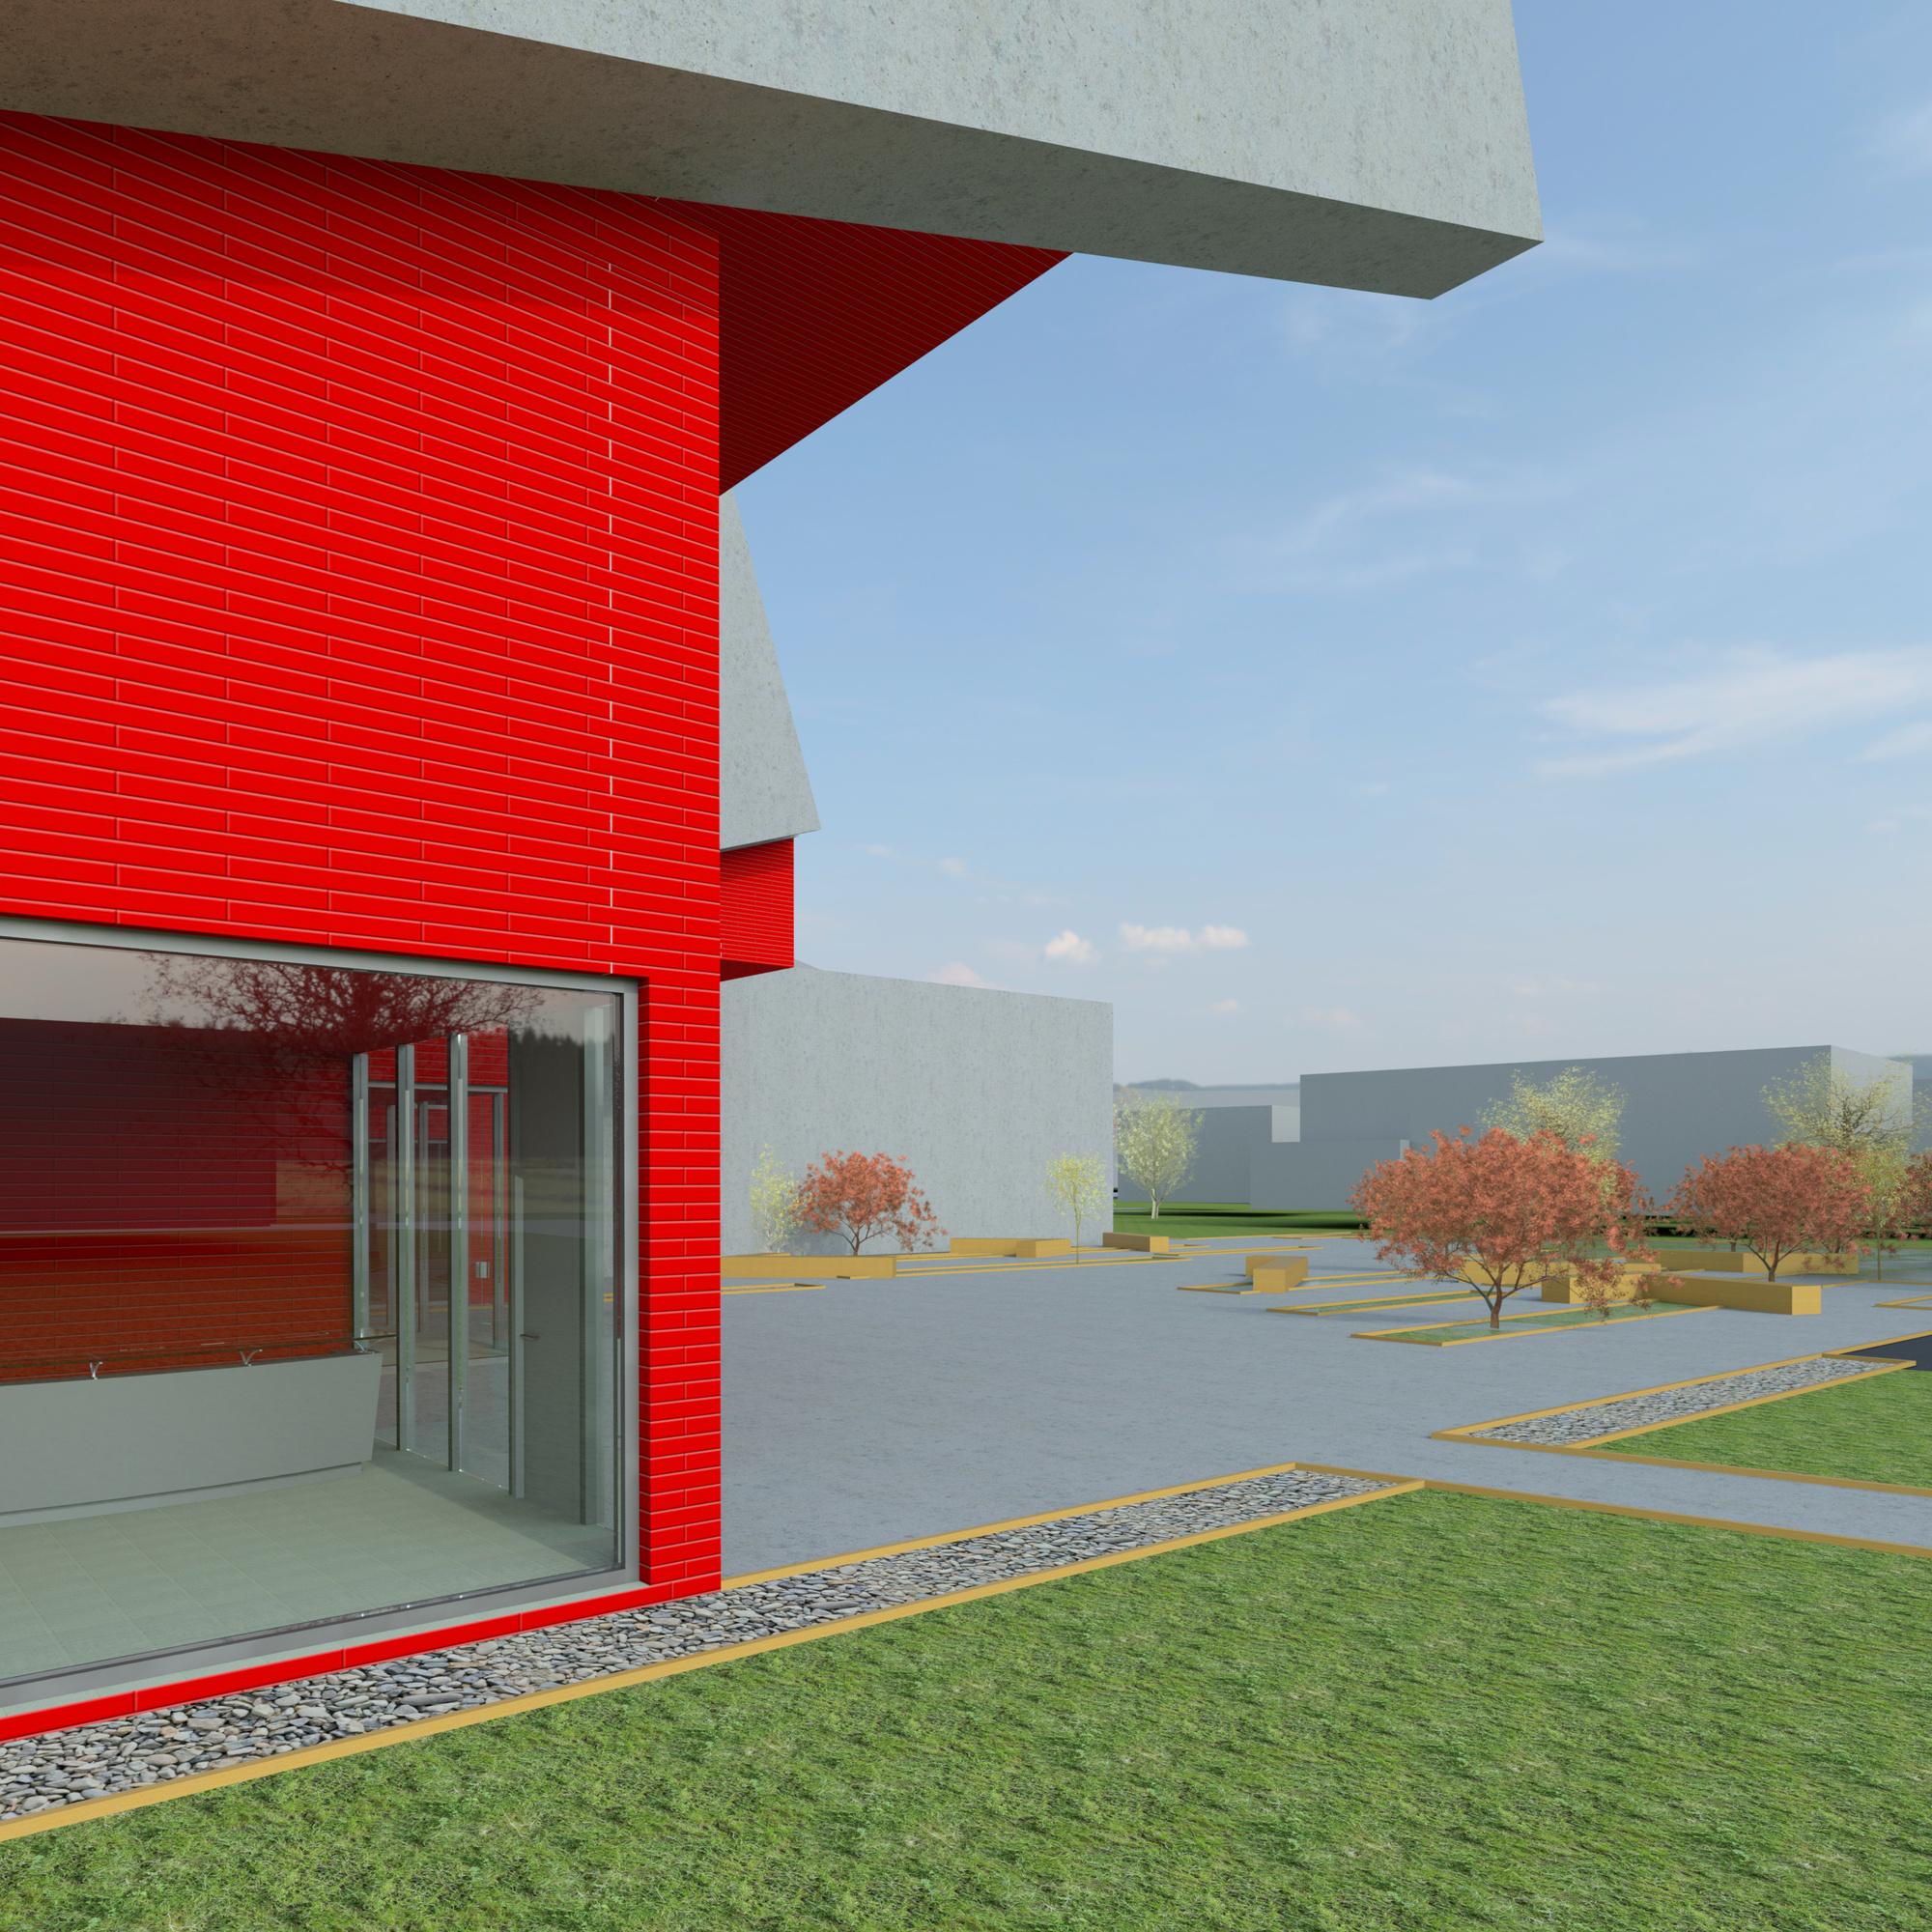 Raas-rendering20150223-15060-rfsh9s